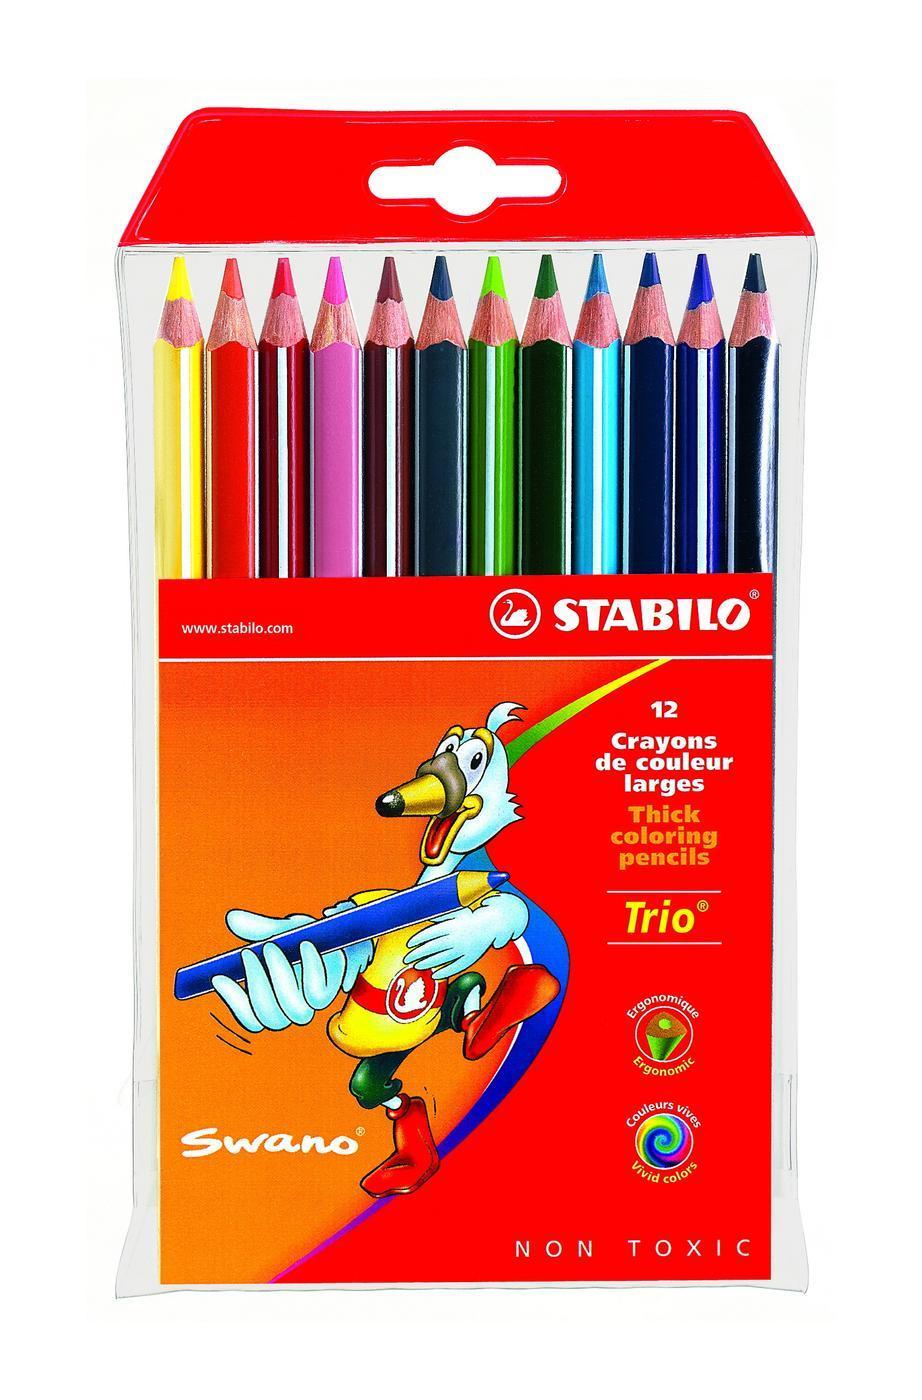 Набор цветных карандашей Stabilo Trio, 12 цветов203/12-03Серия утолщенных трехгранных цветных карандашей Stabilo Trio. Трехгранная форма карандаша предотвращает усталость детской руки при рисовании и позволяет привить ребенку навык правильно держать пишущий инструмент. Подходят для правшей и для левшей. Утолщенный грифель, особо устойчивый к поломкам. В состав грифелей входит пчелиный воск, благодаря чему карандаши легко рисуют на бумаге, не царапая ее и не крошась.